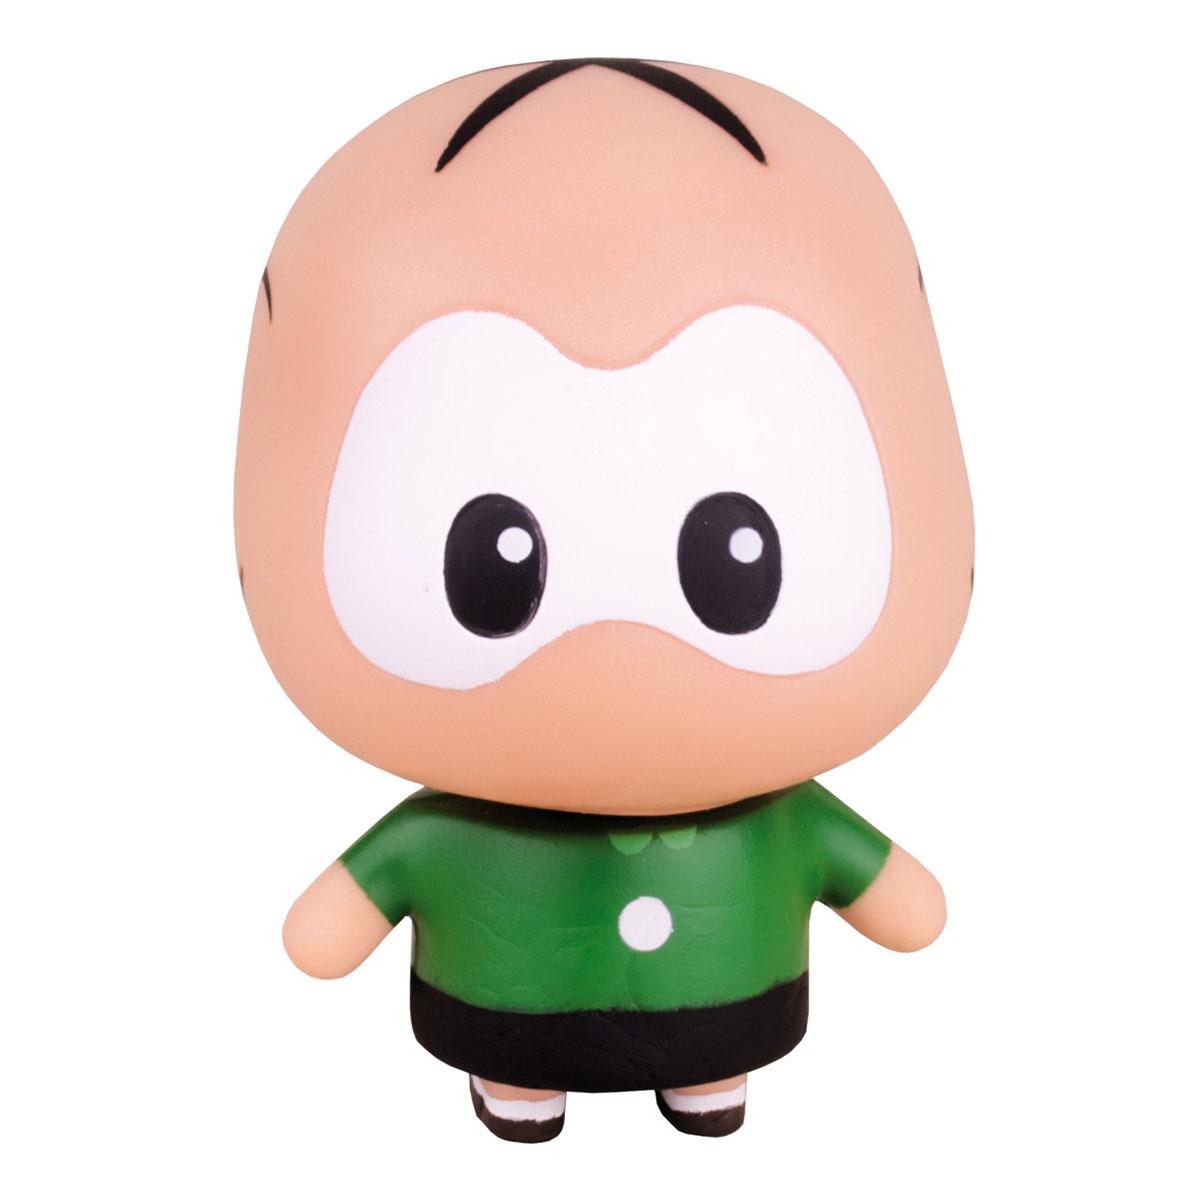 Boneco Turma da Mônica Toy Art Cebolinha